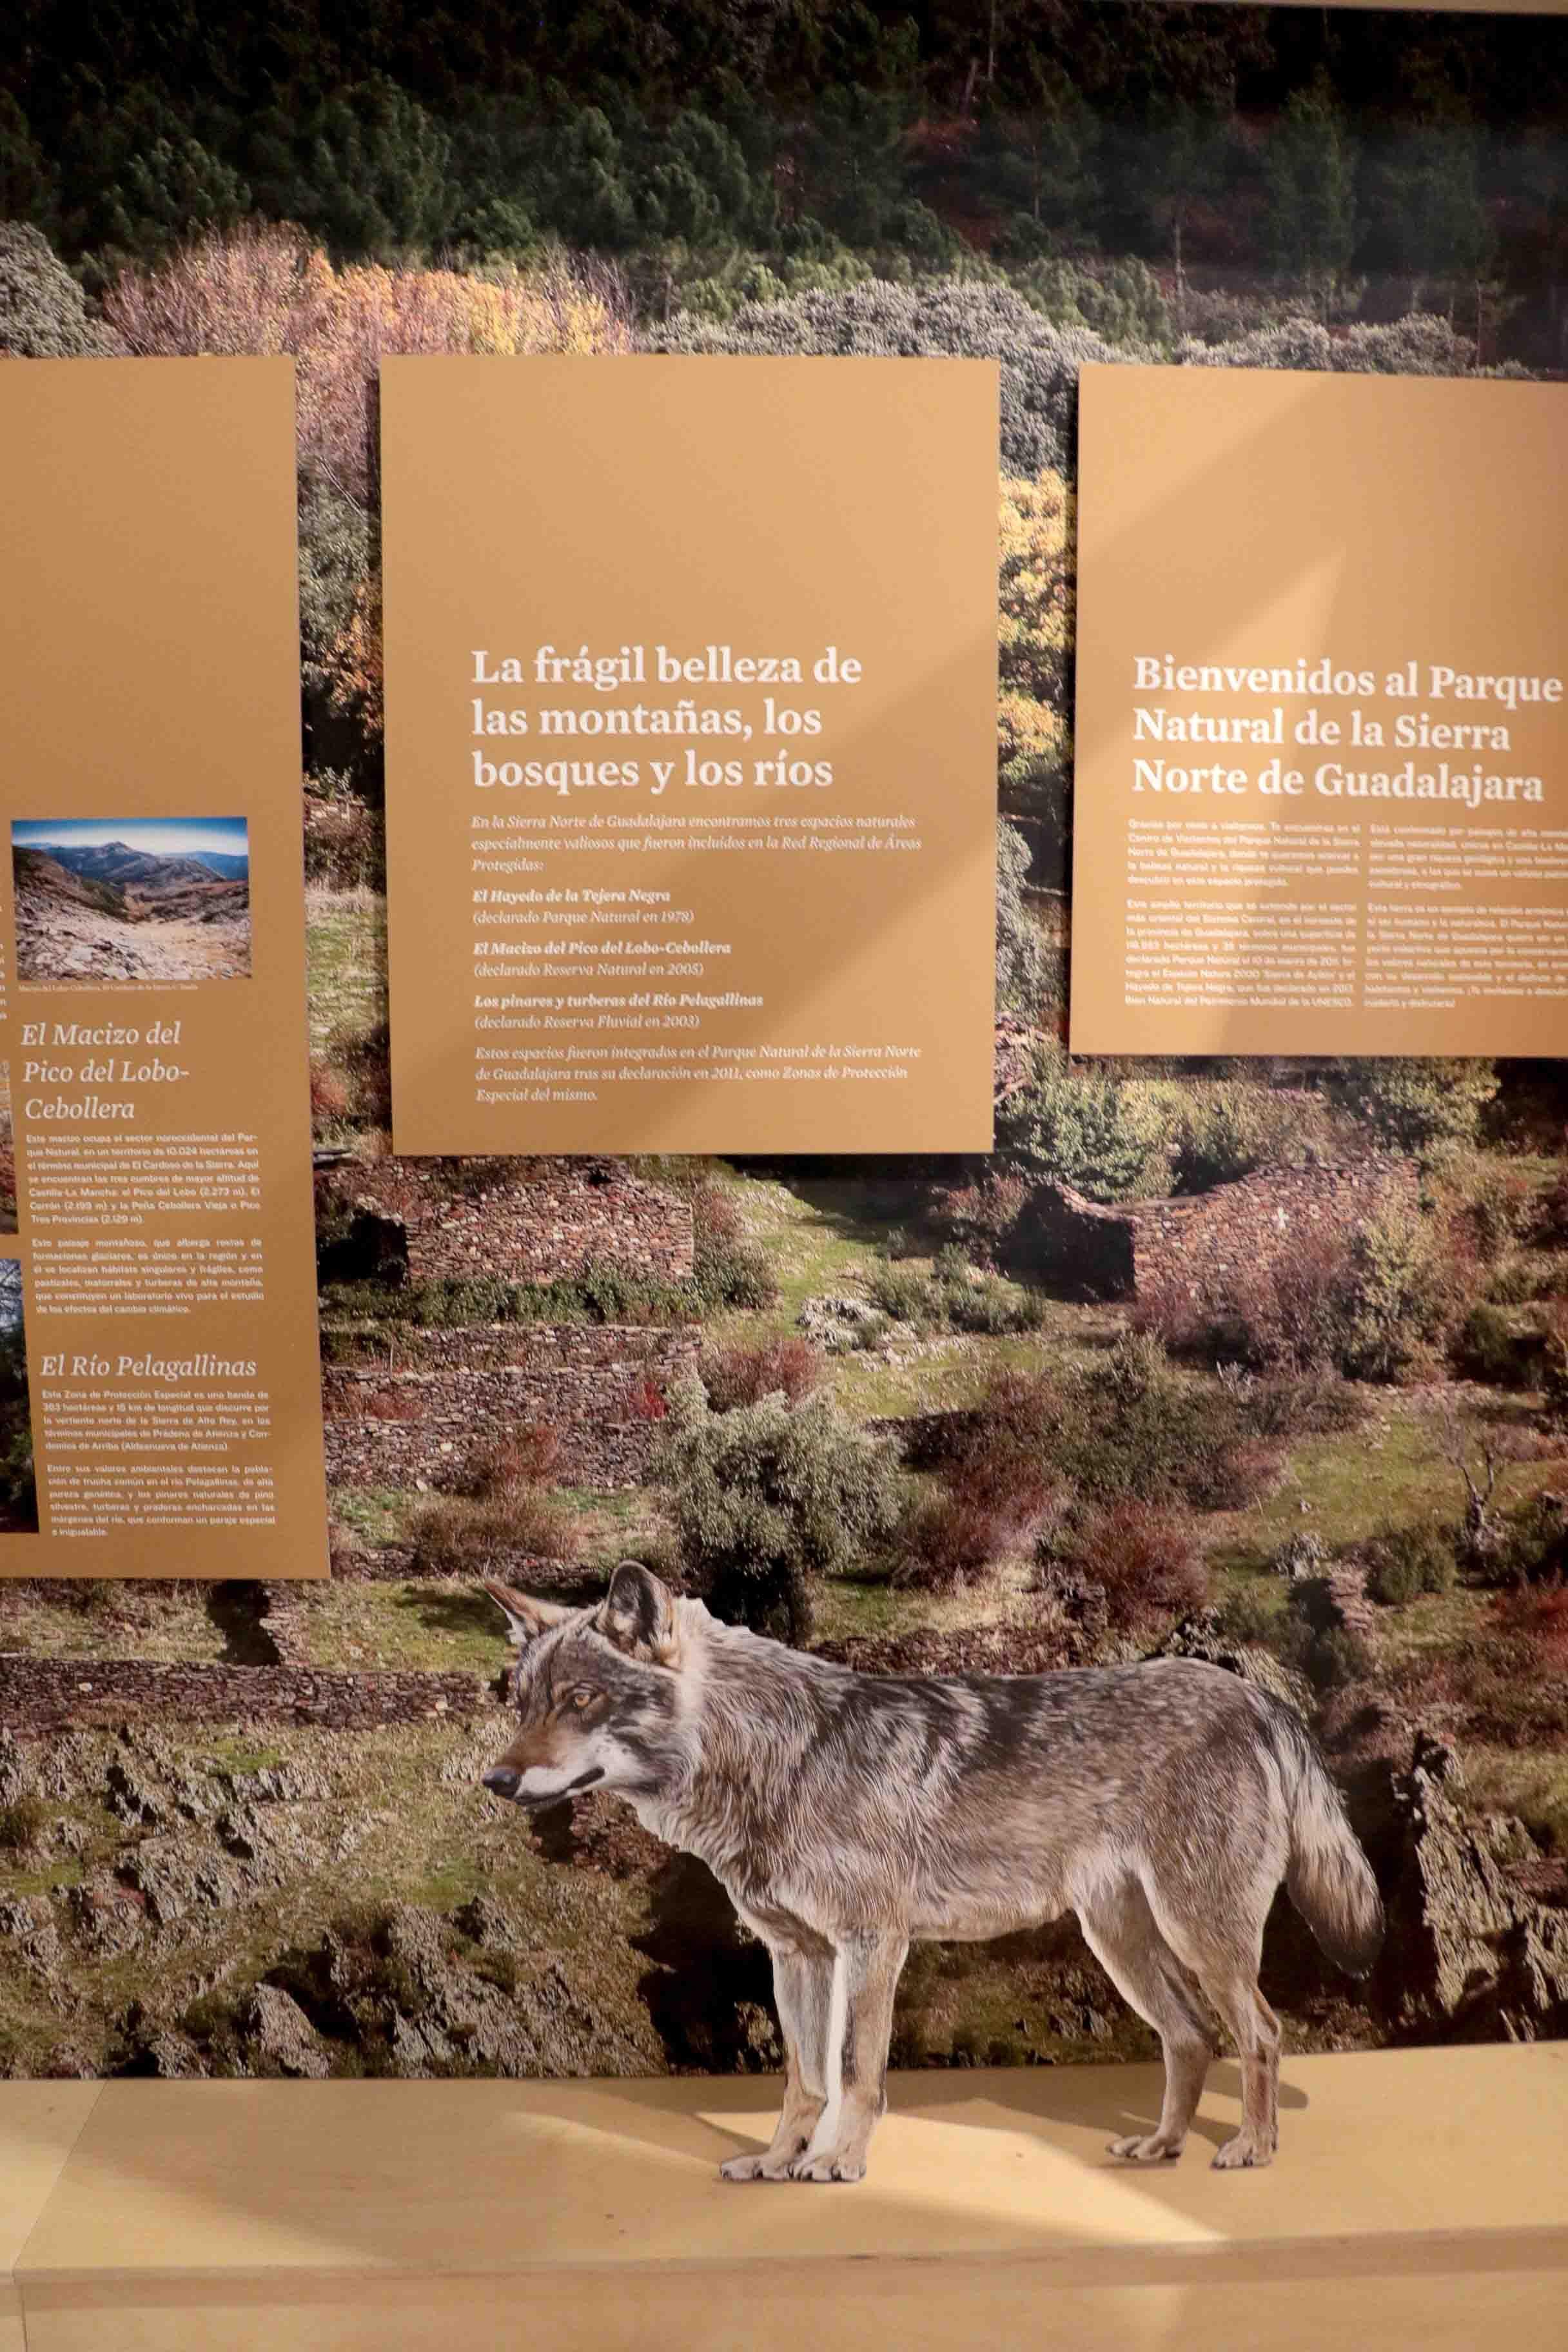 Fotografia Cogolludo, puerta abierta al Parque Natural de la Sierra